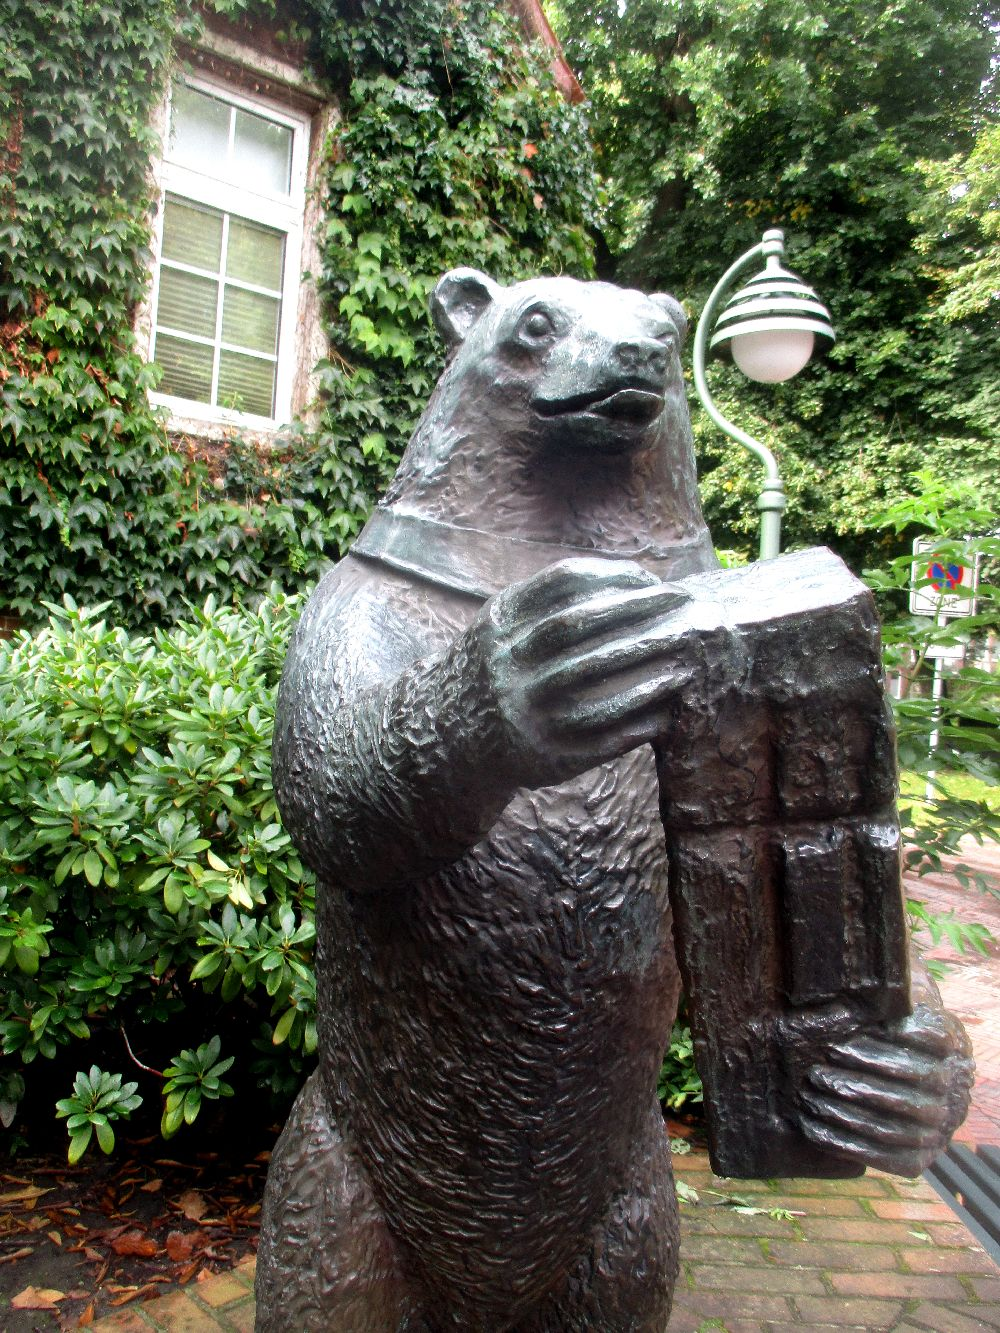 Der Esener Bär. Eine Bronzeskulptur eines Bären mit einem Großen Ziegelstein in der Hand.